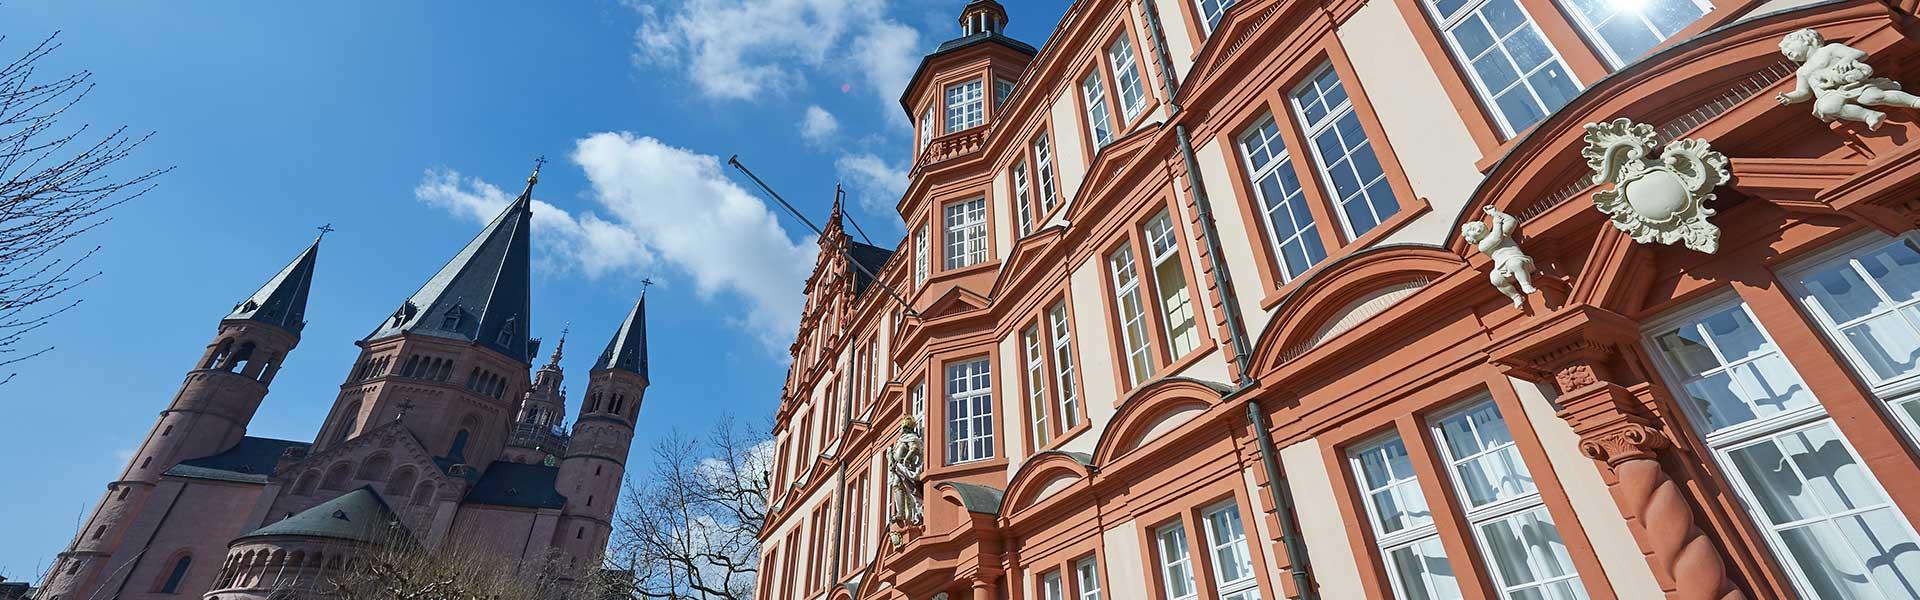 Mainz entdecken